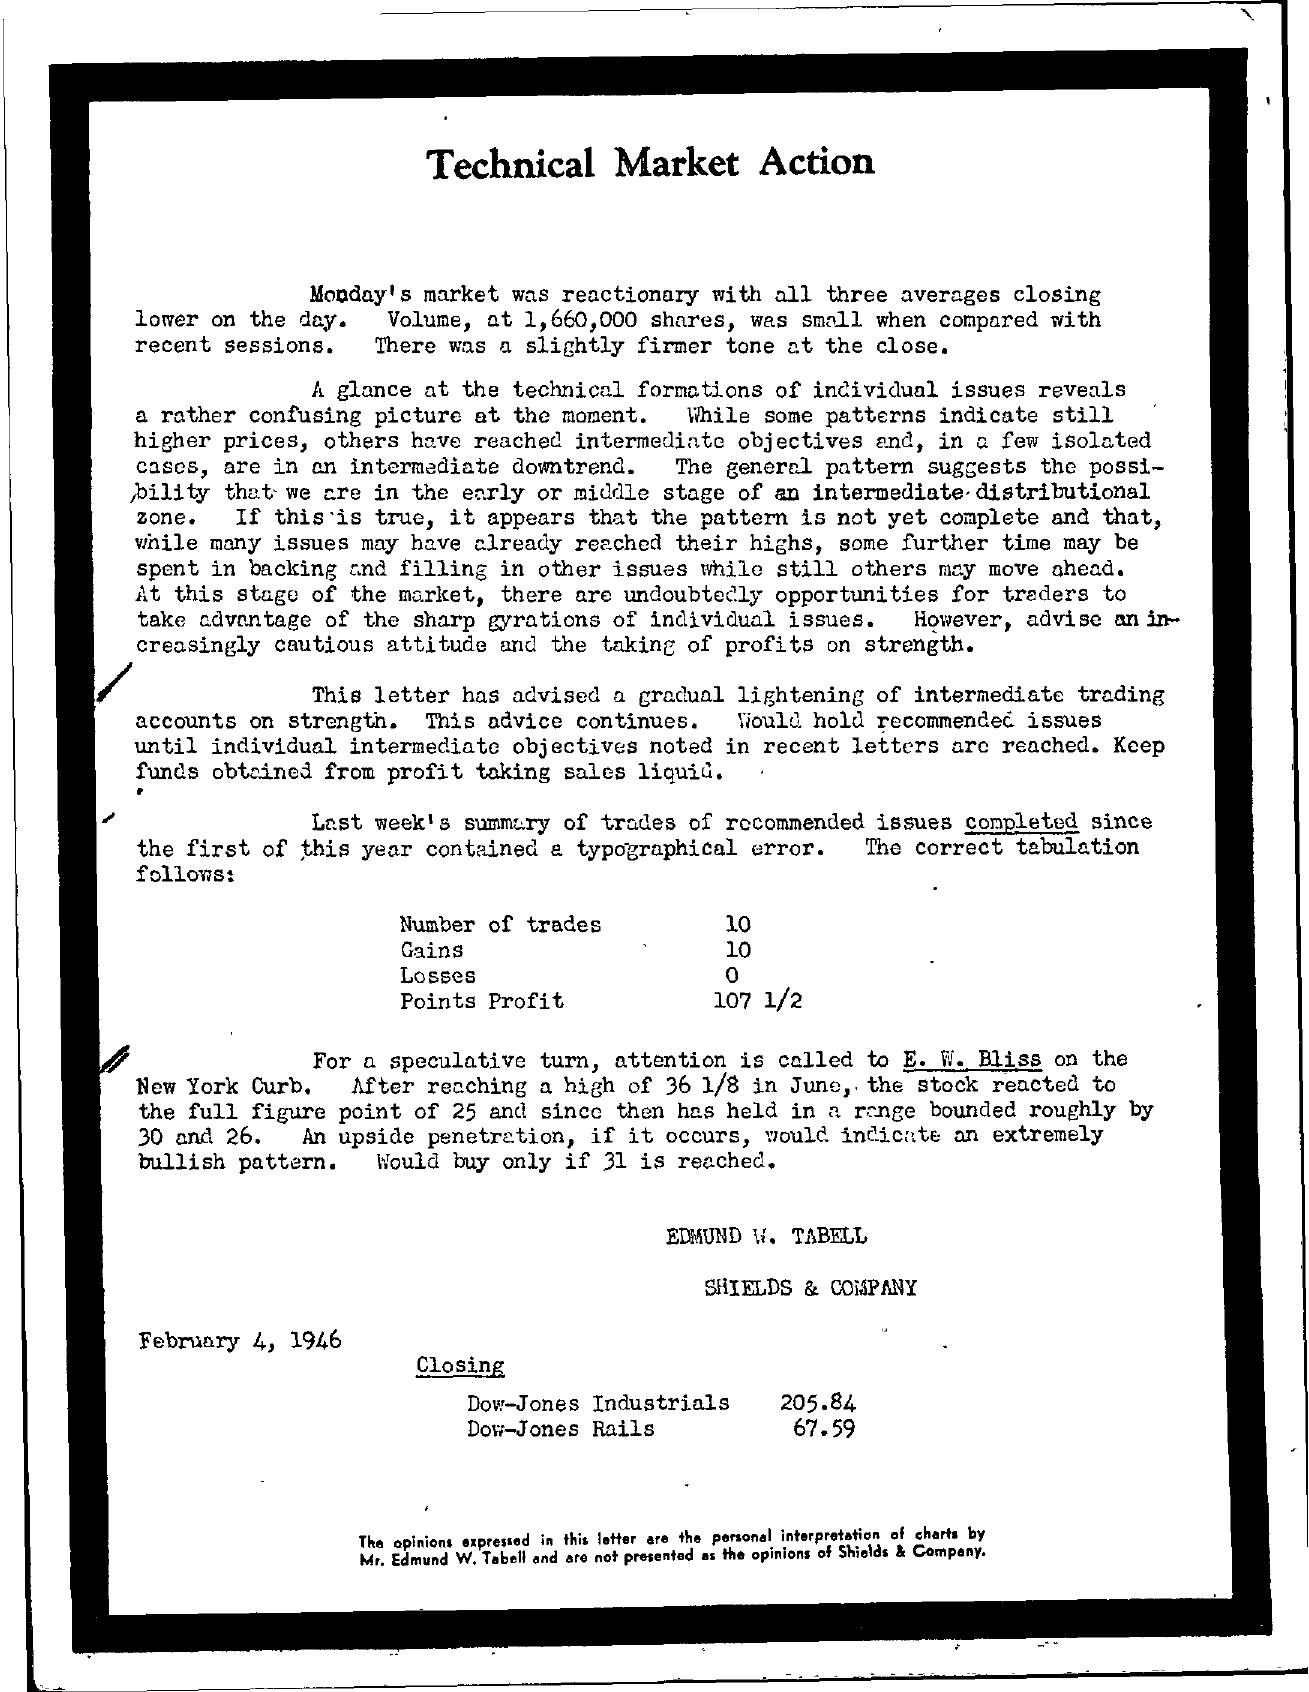 Tabell's Market Letter - February 04, 1946